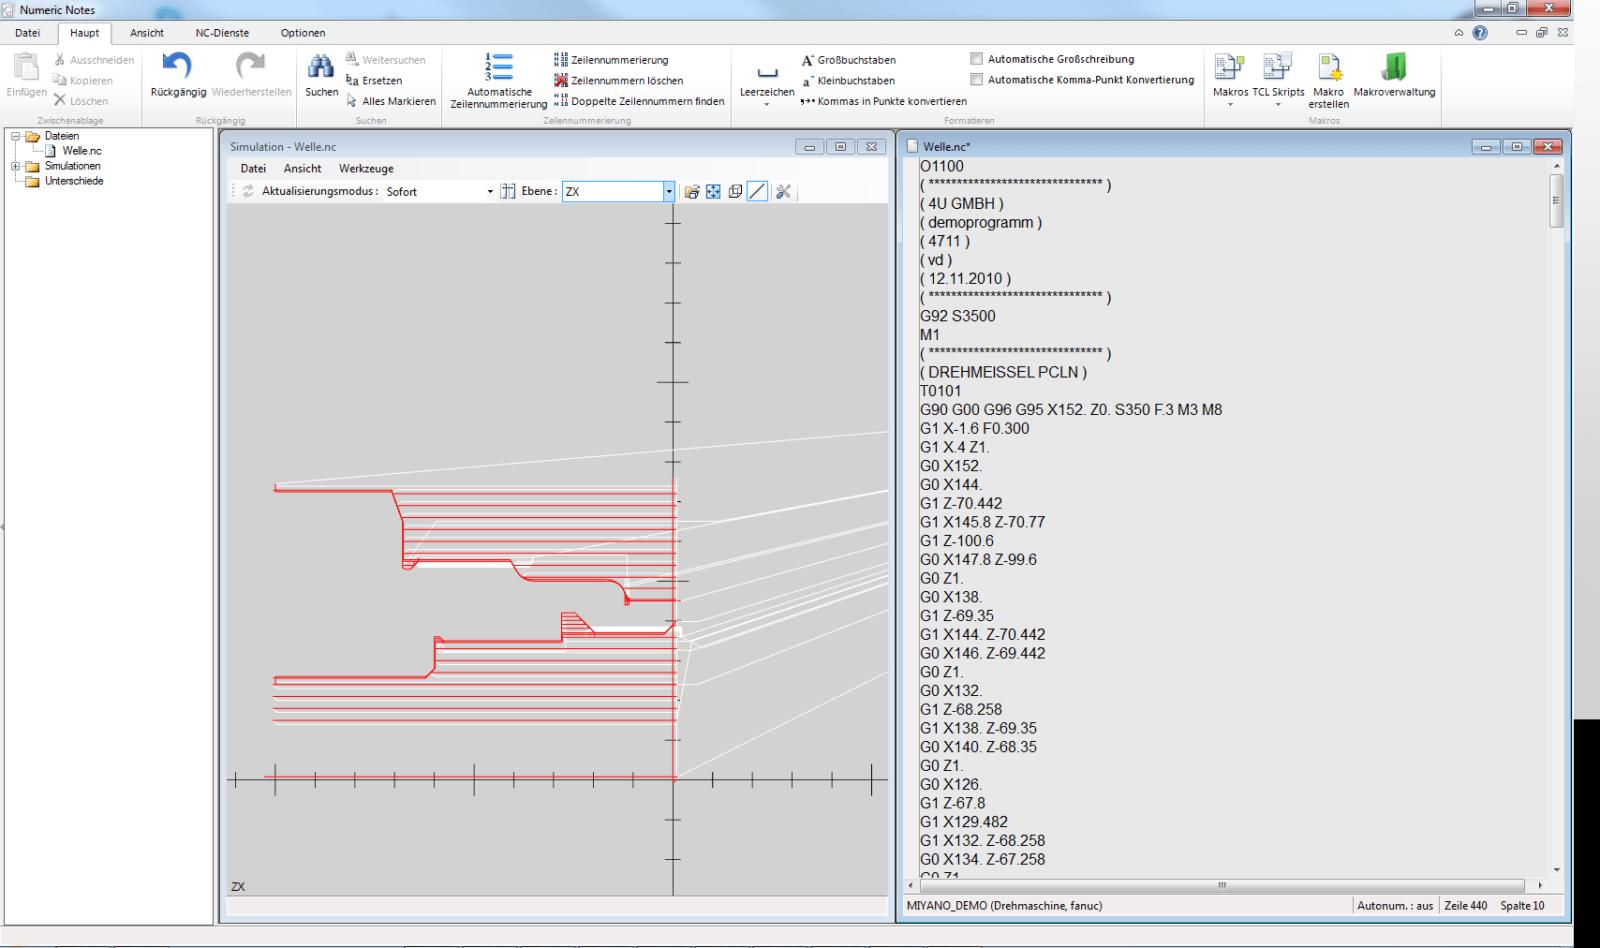 Kinderleichtes Editieren von bestehenden Programmen mit NumericNotes.